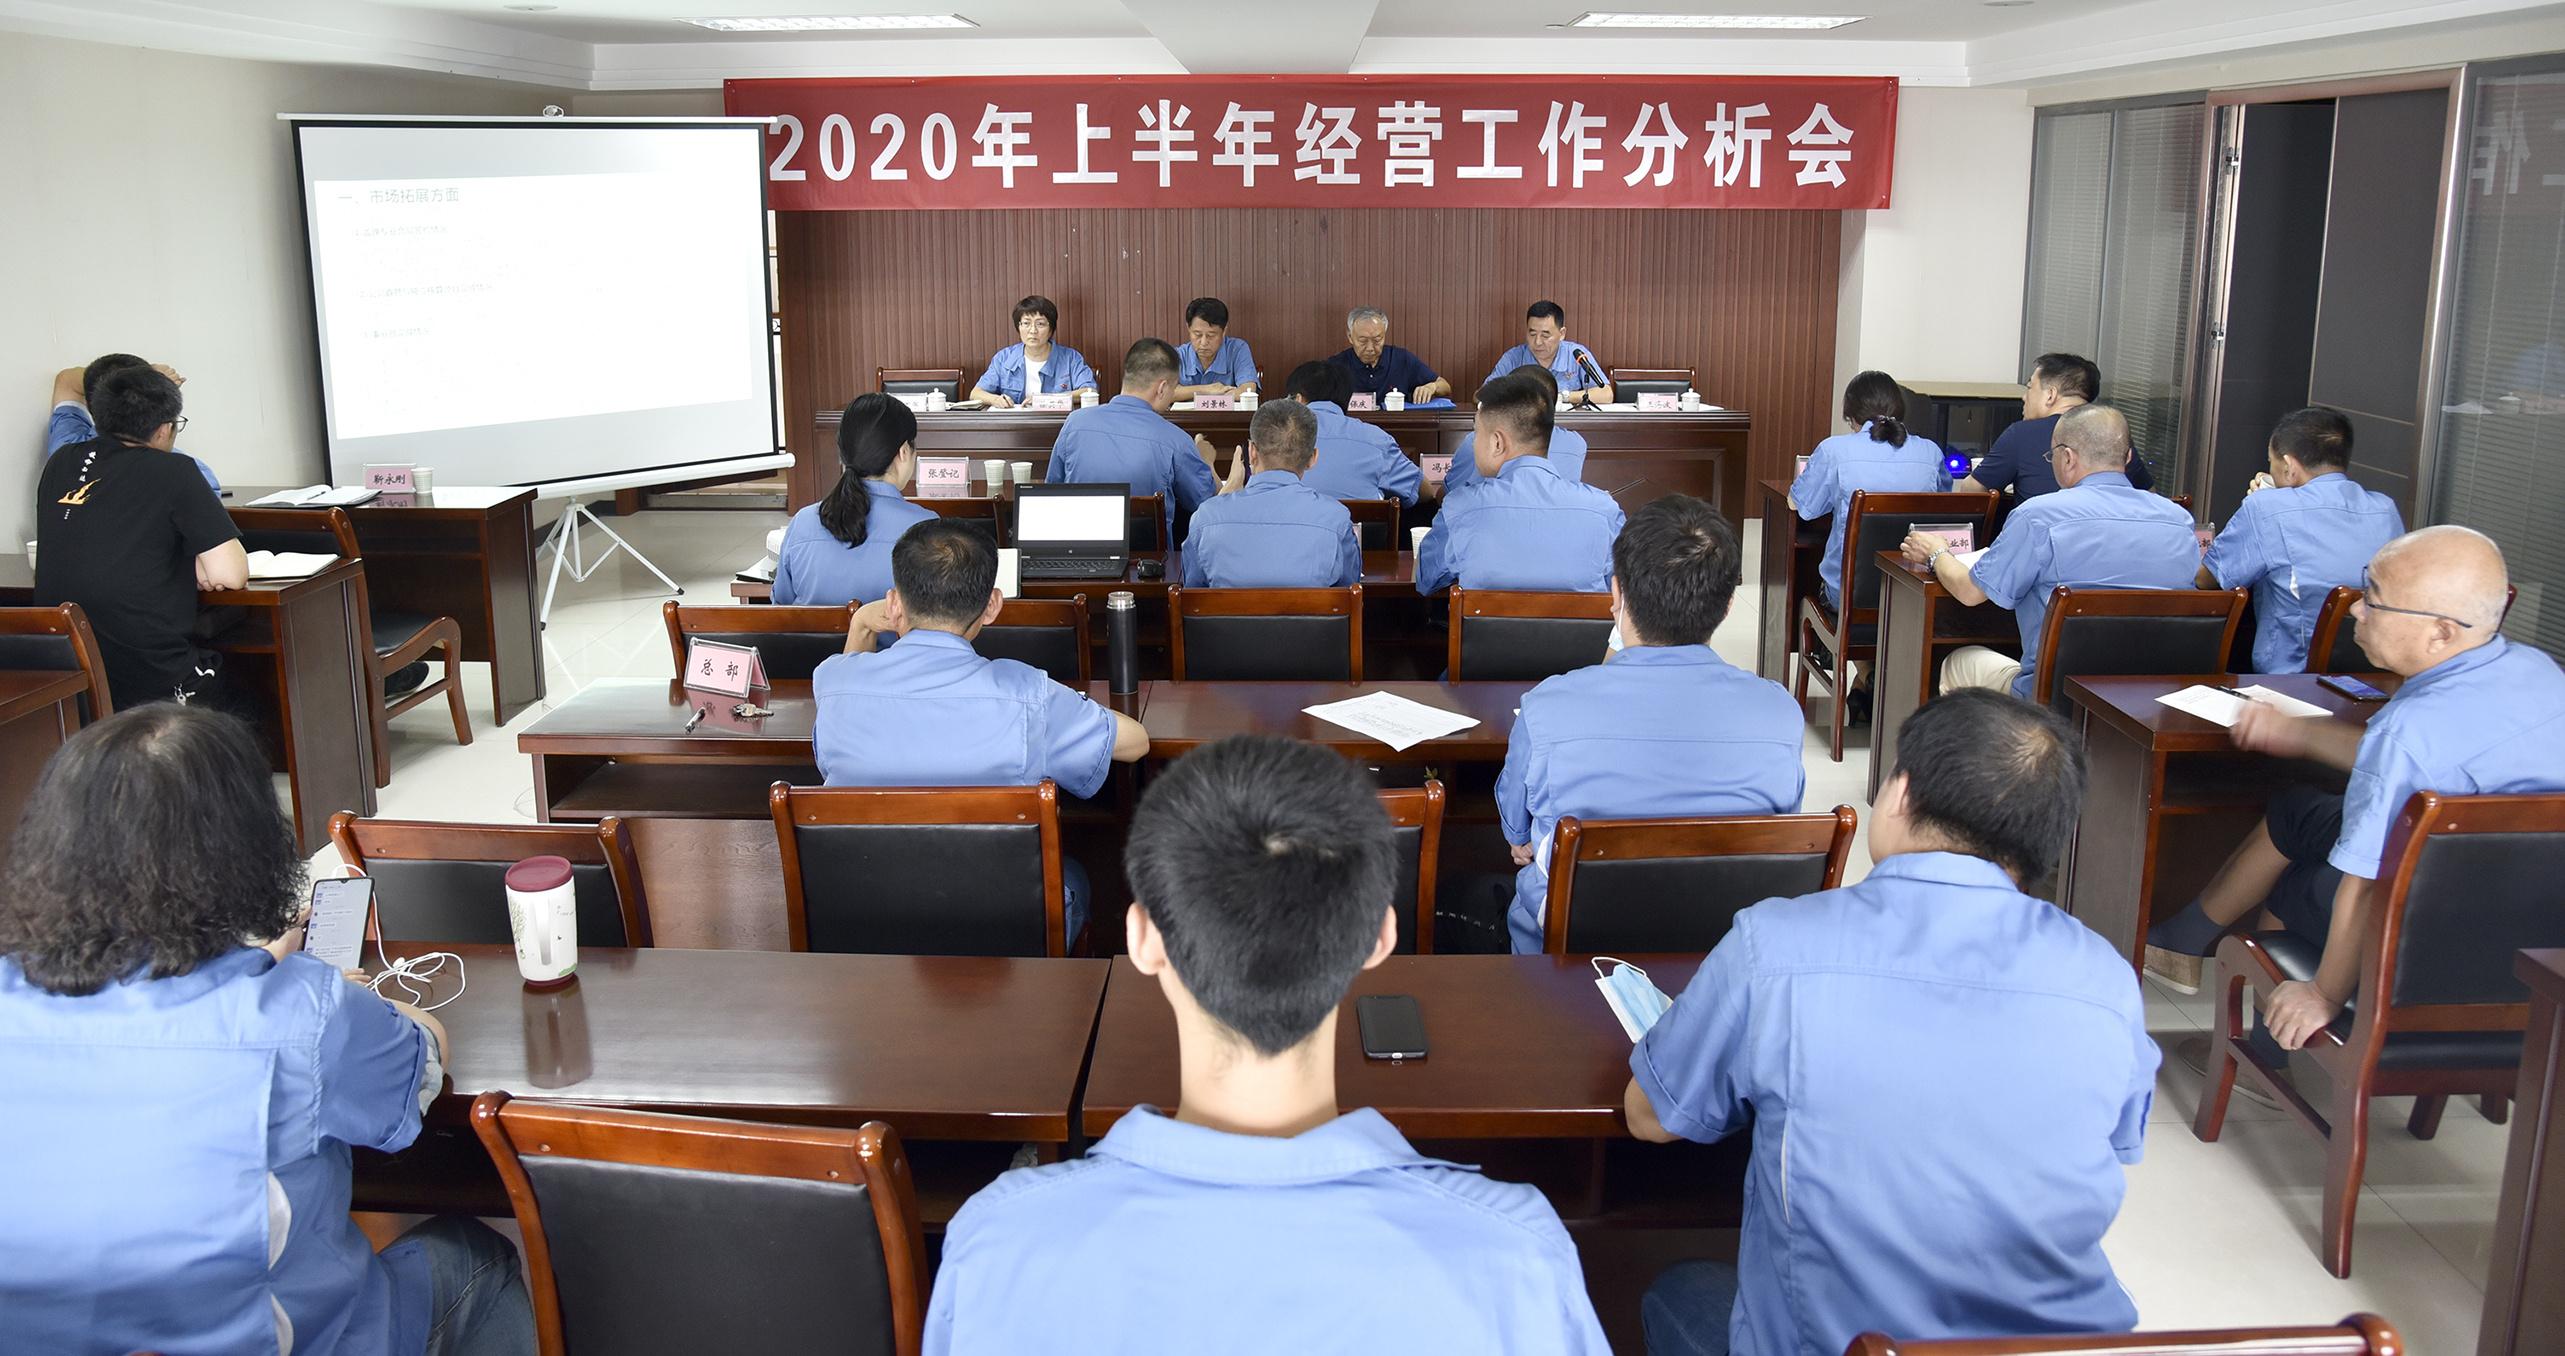 公司召开2020年上半年经营工作分析会议